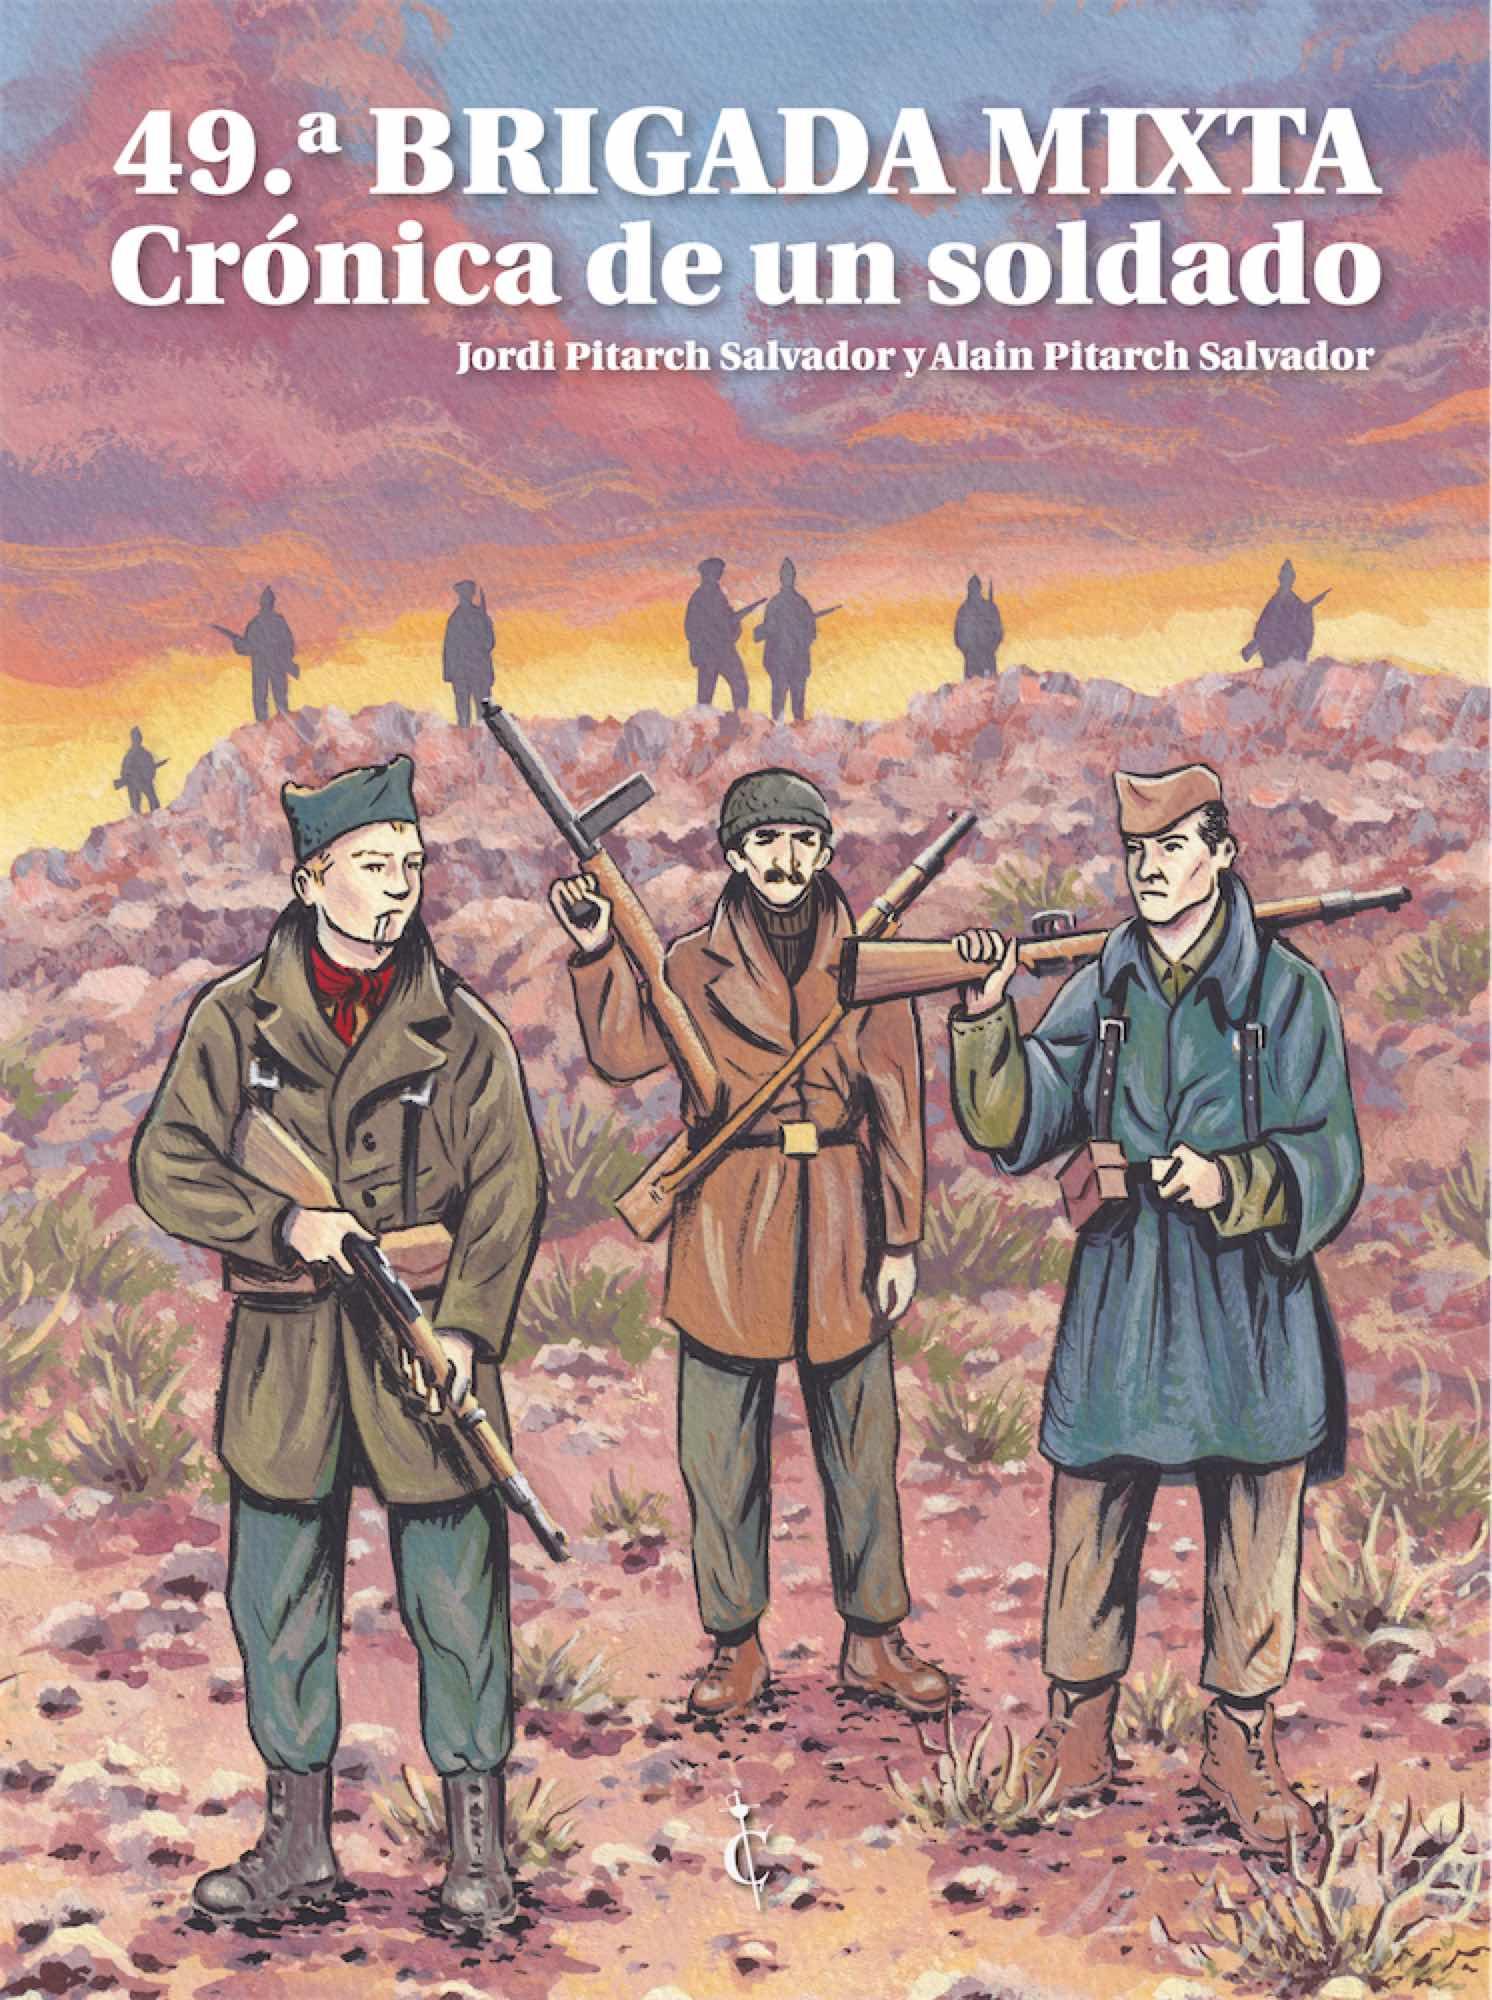 49ª BRIGADA MIXTA. CRONICA DE UN SOLDADO